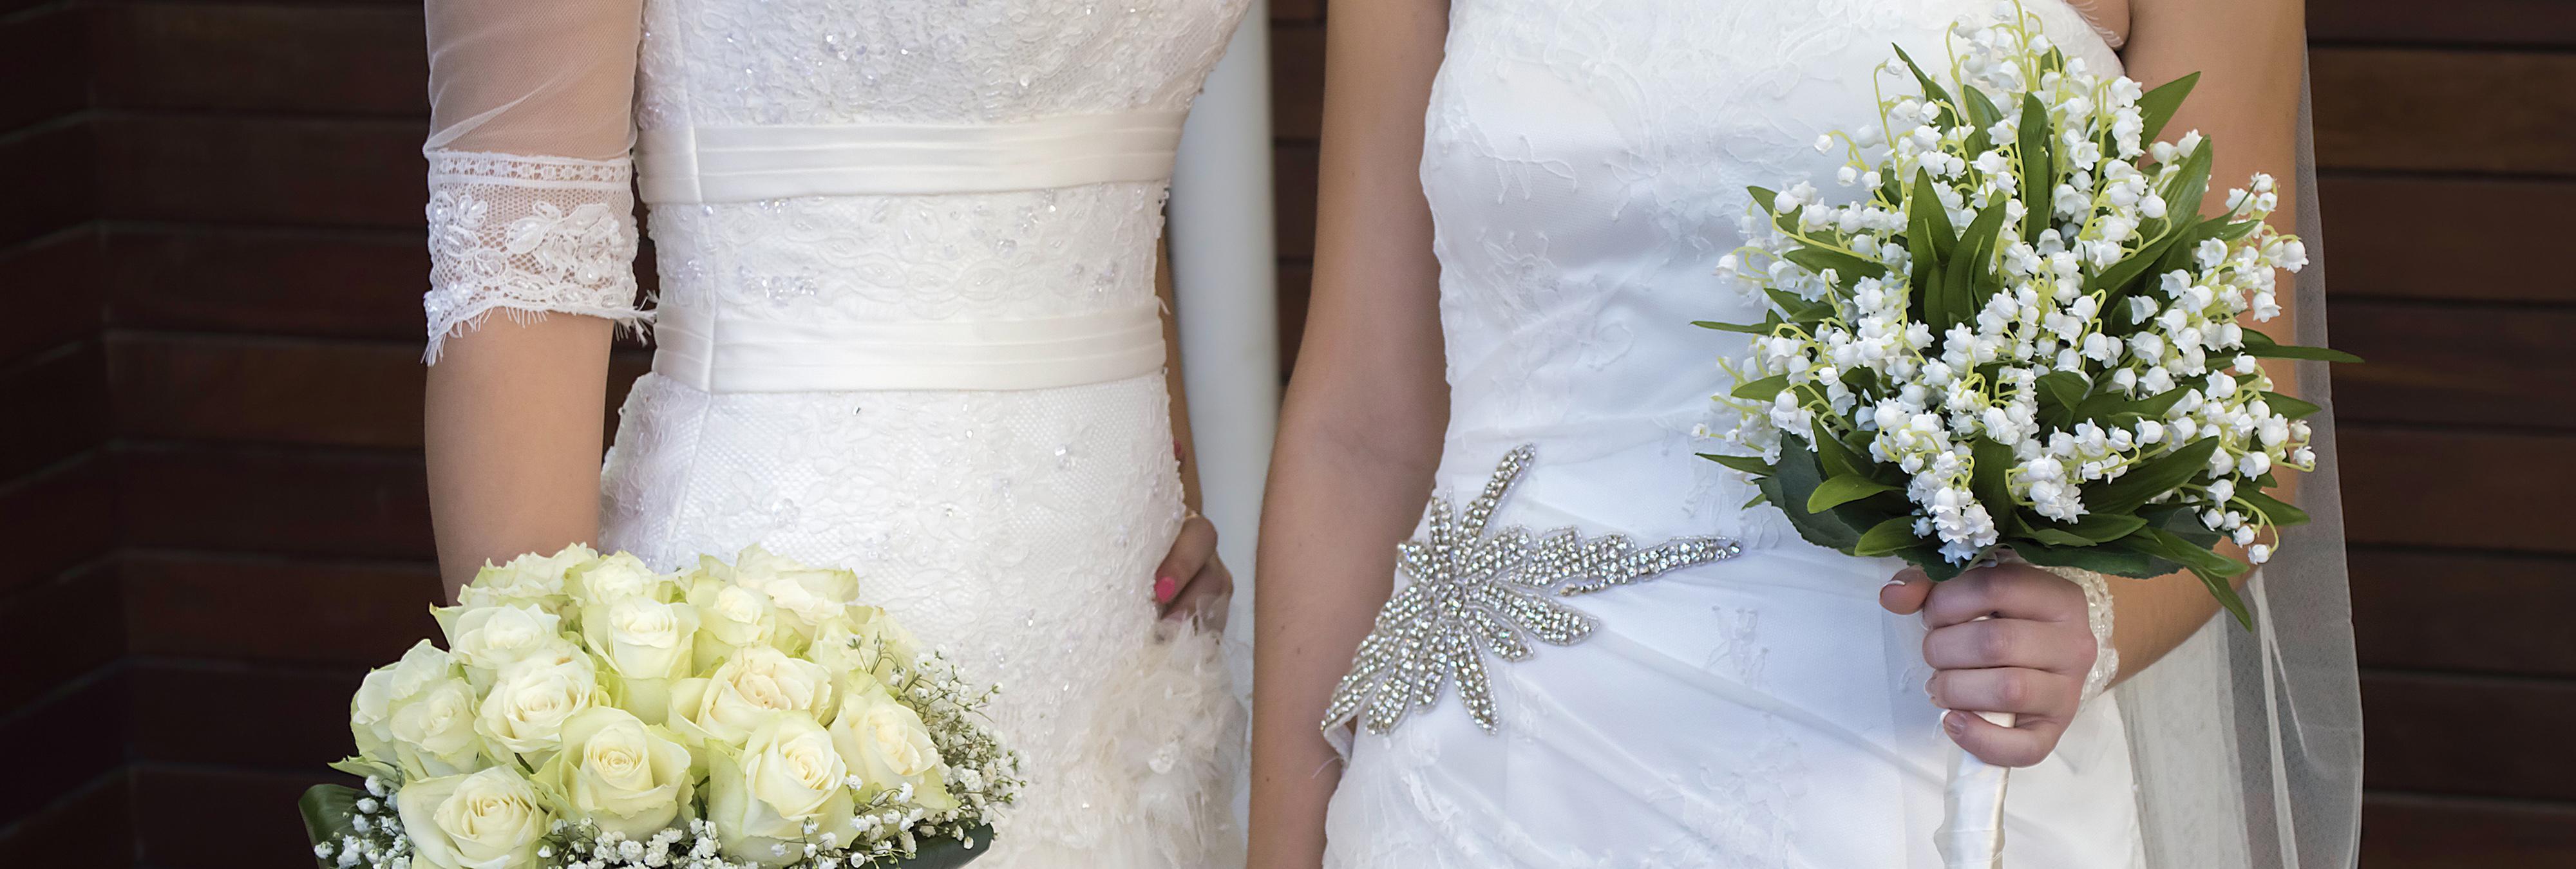 Un cura de Castellón, en apuros tras oficiar una boda entre dos lesbianas